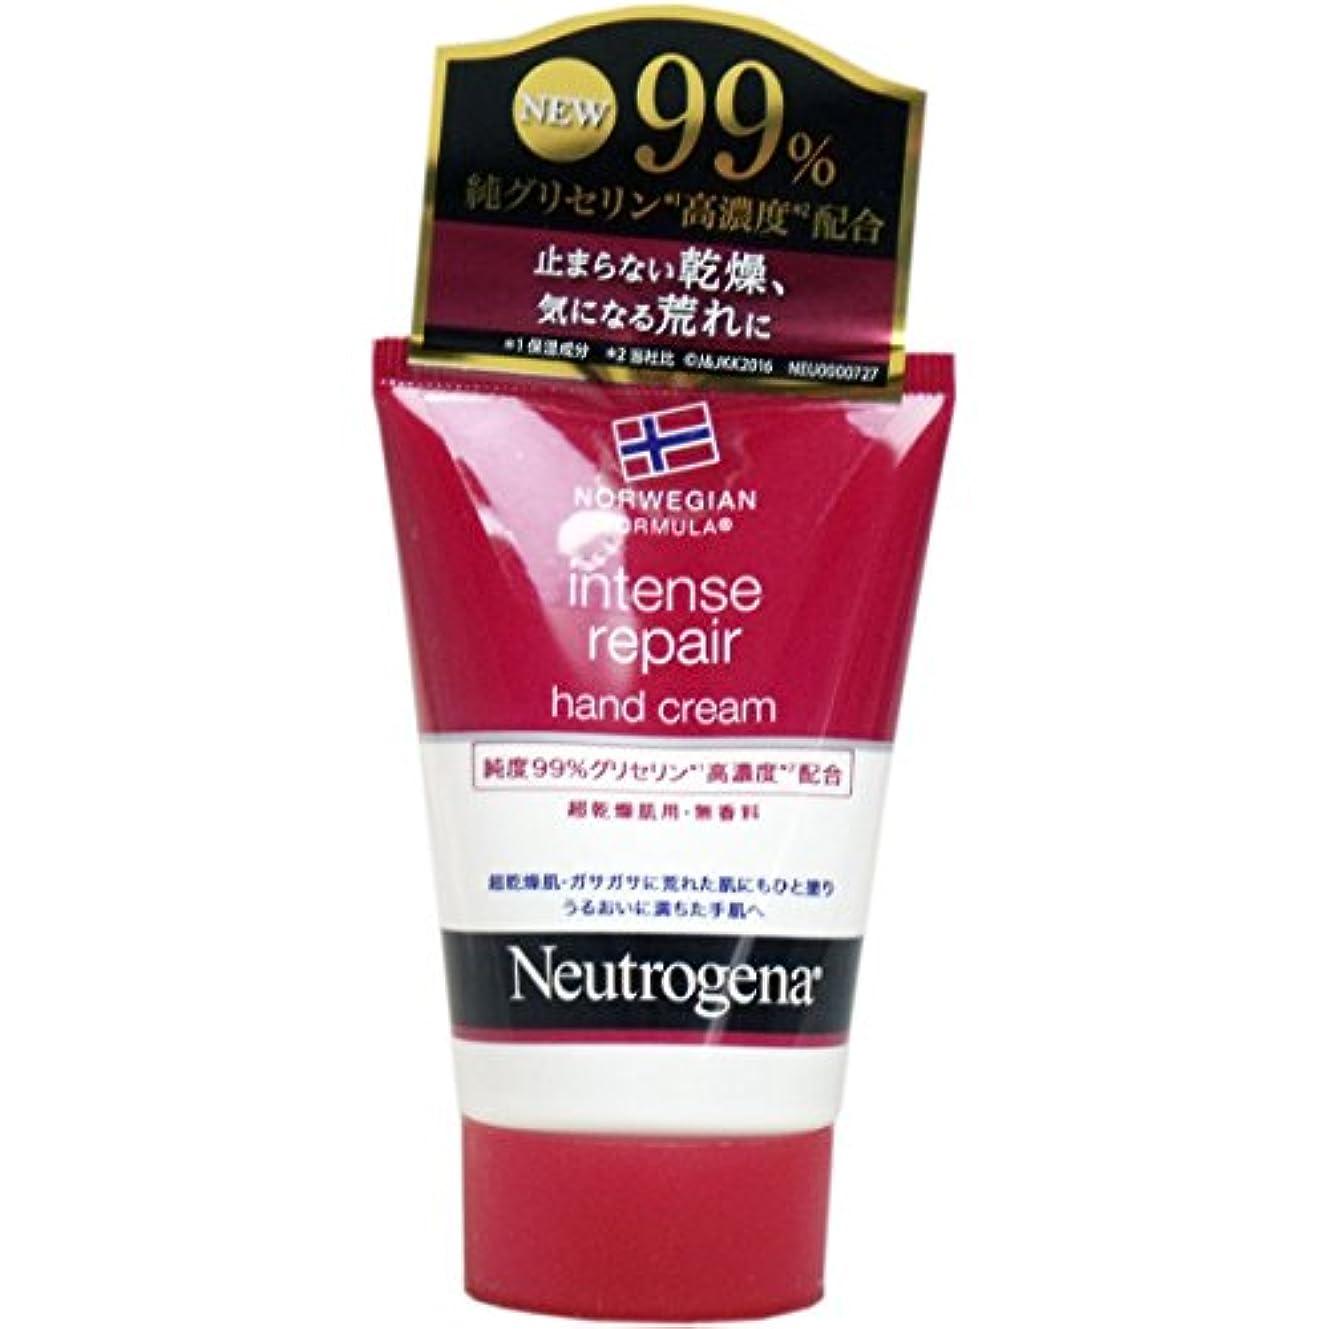 仕える助けて奨励します【セット品】Neutrogena(ニュートロジーナ) ノルウェーフォーミュラ インテンスリペア ハンドクリーム 超乾燥肌用 無香料 50g×6個